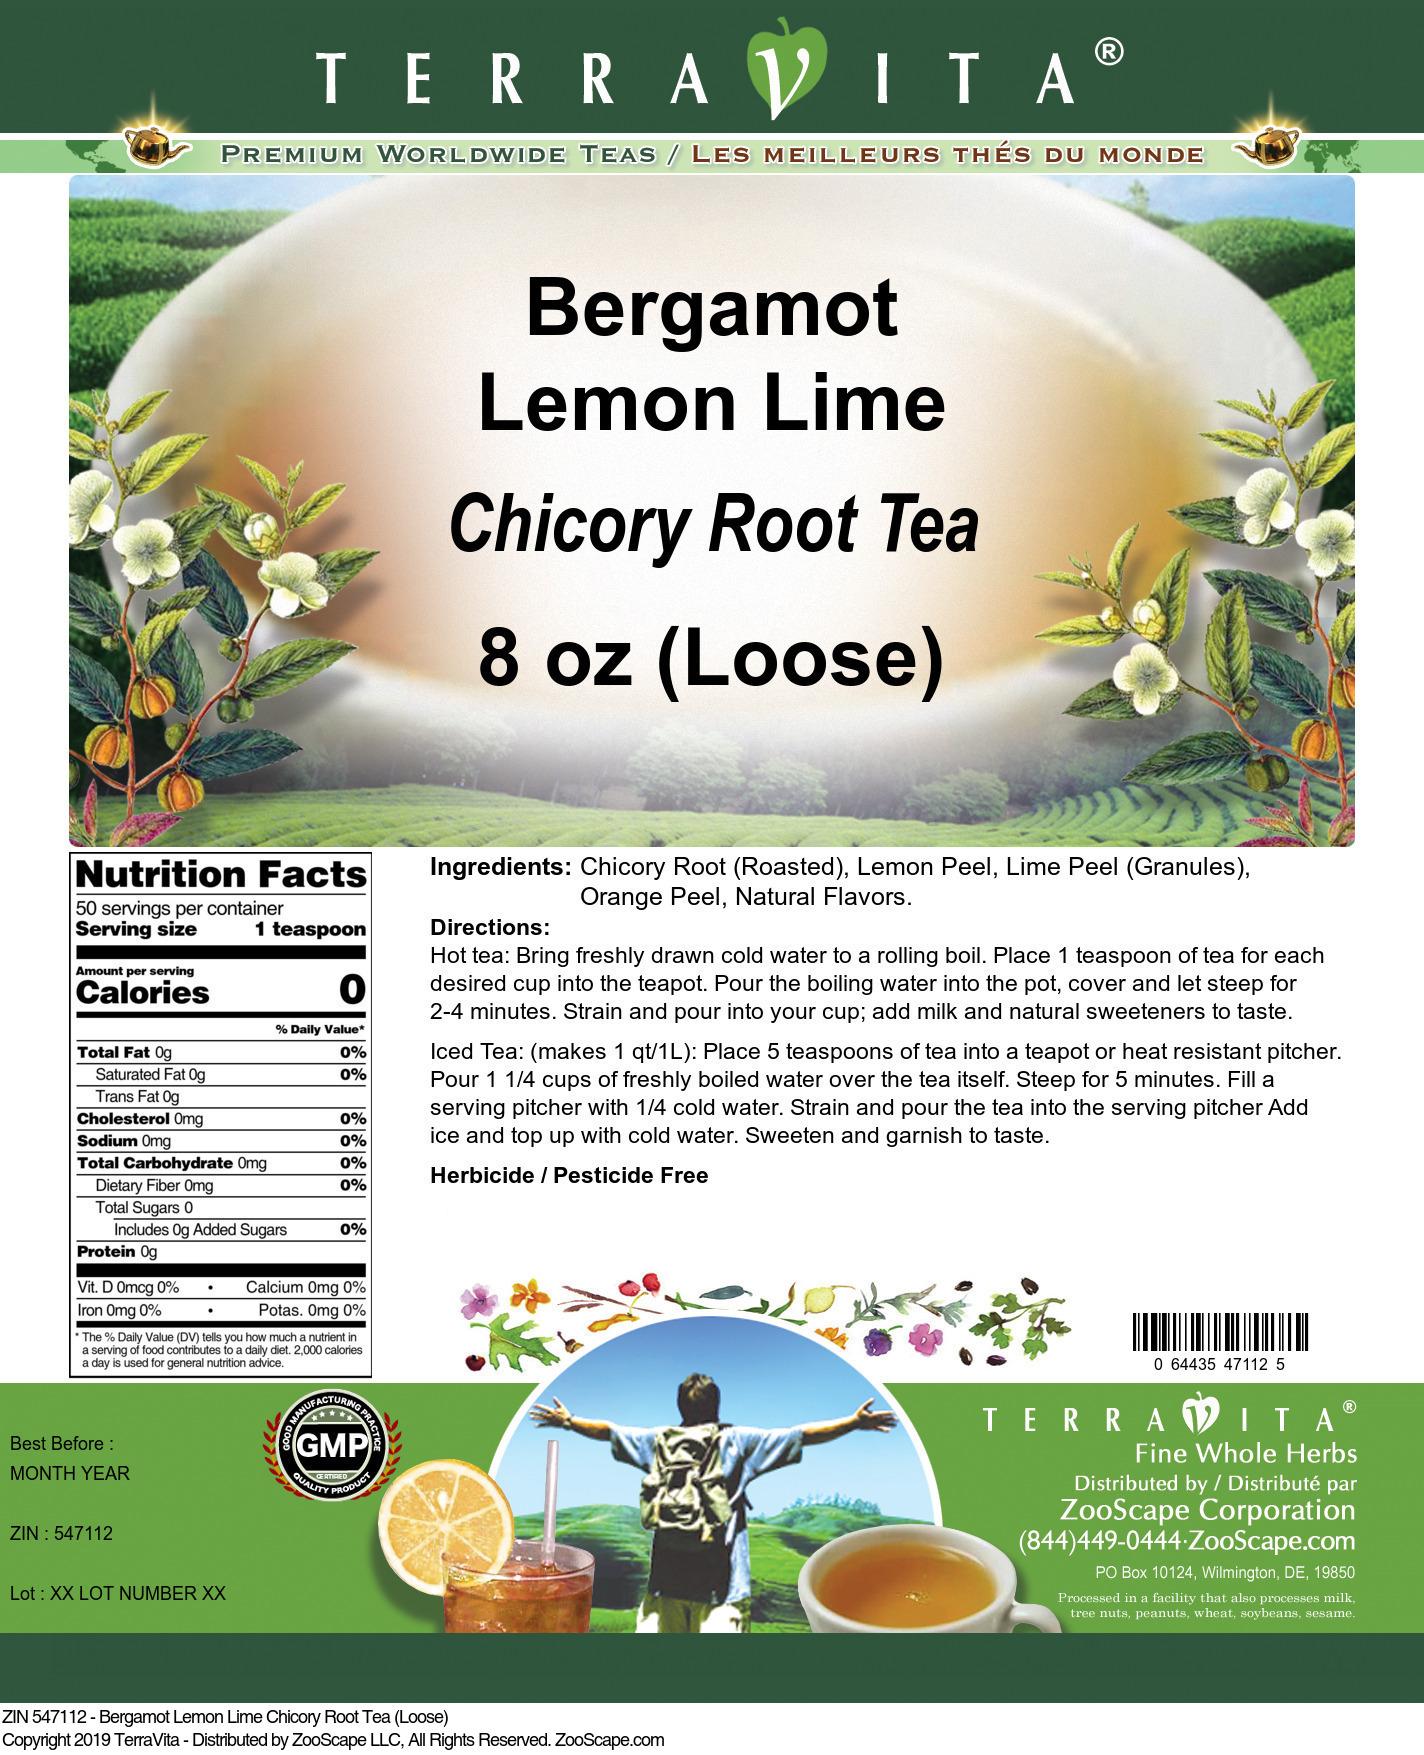 Bergamot Lemon Lime Chicory Root Tea (Loose)